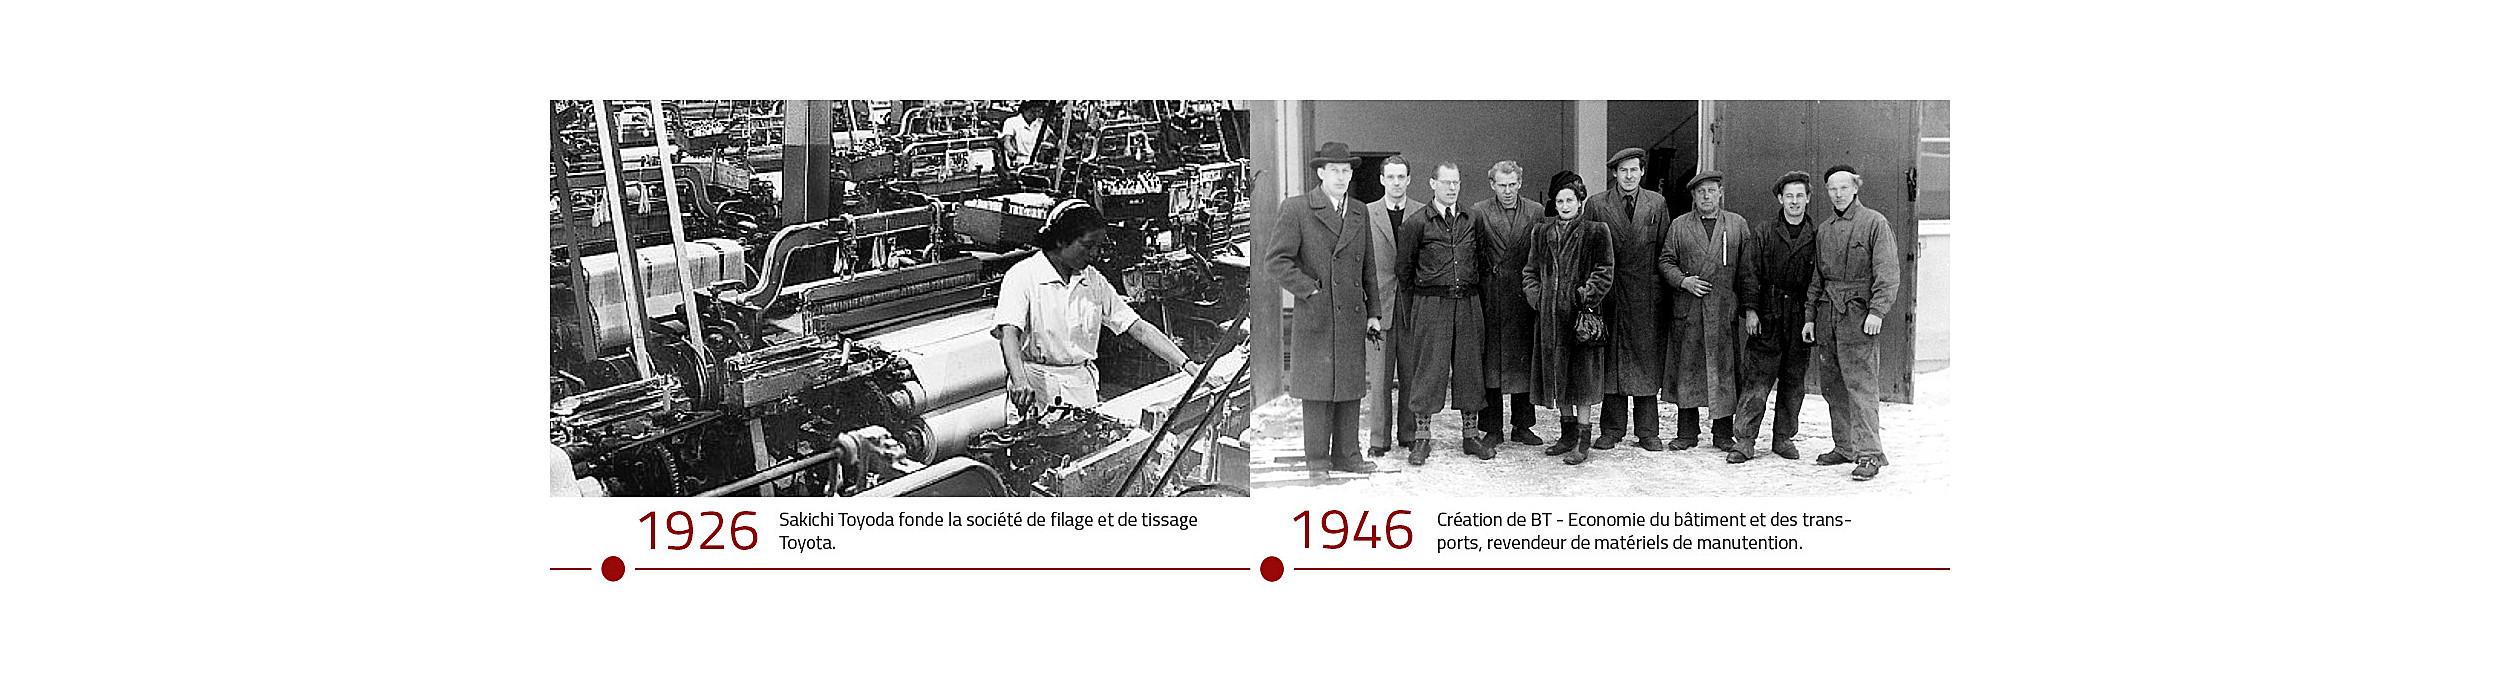 Histoire et débuts de Toyota Material Handling, spécialiste des chariots élévateurs